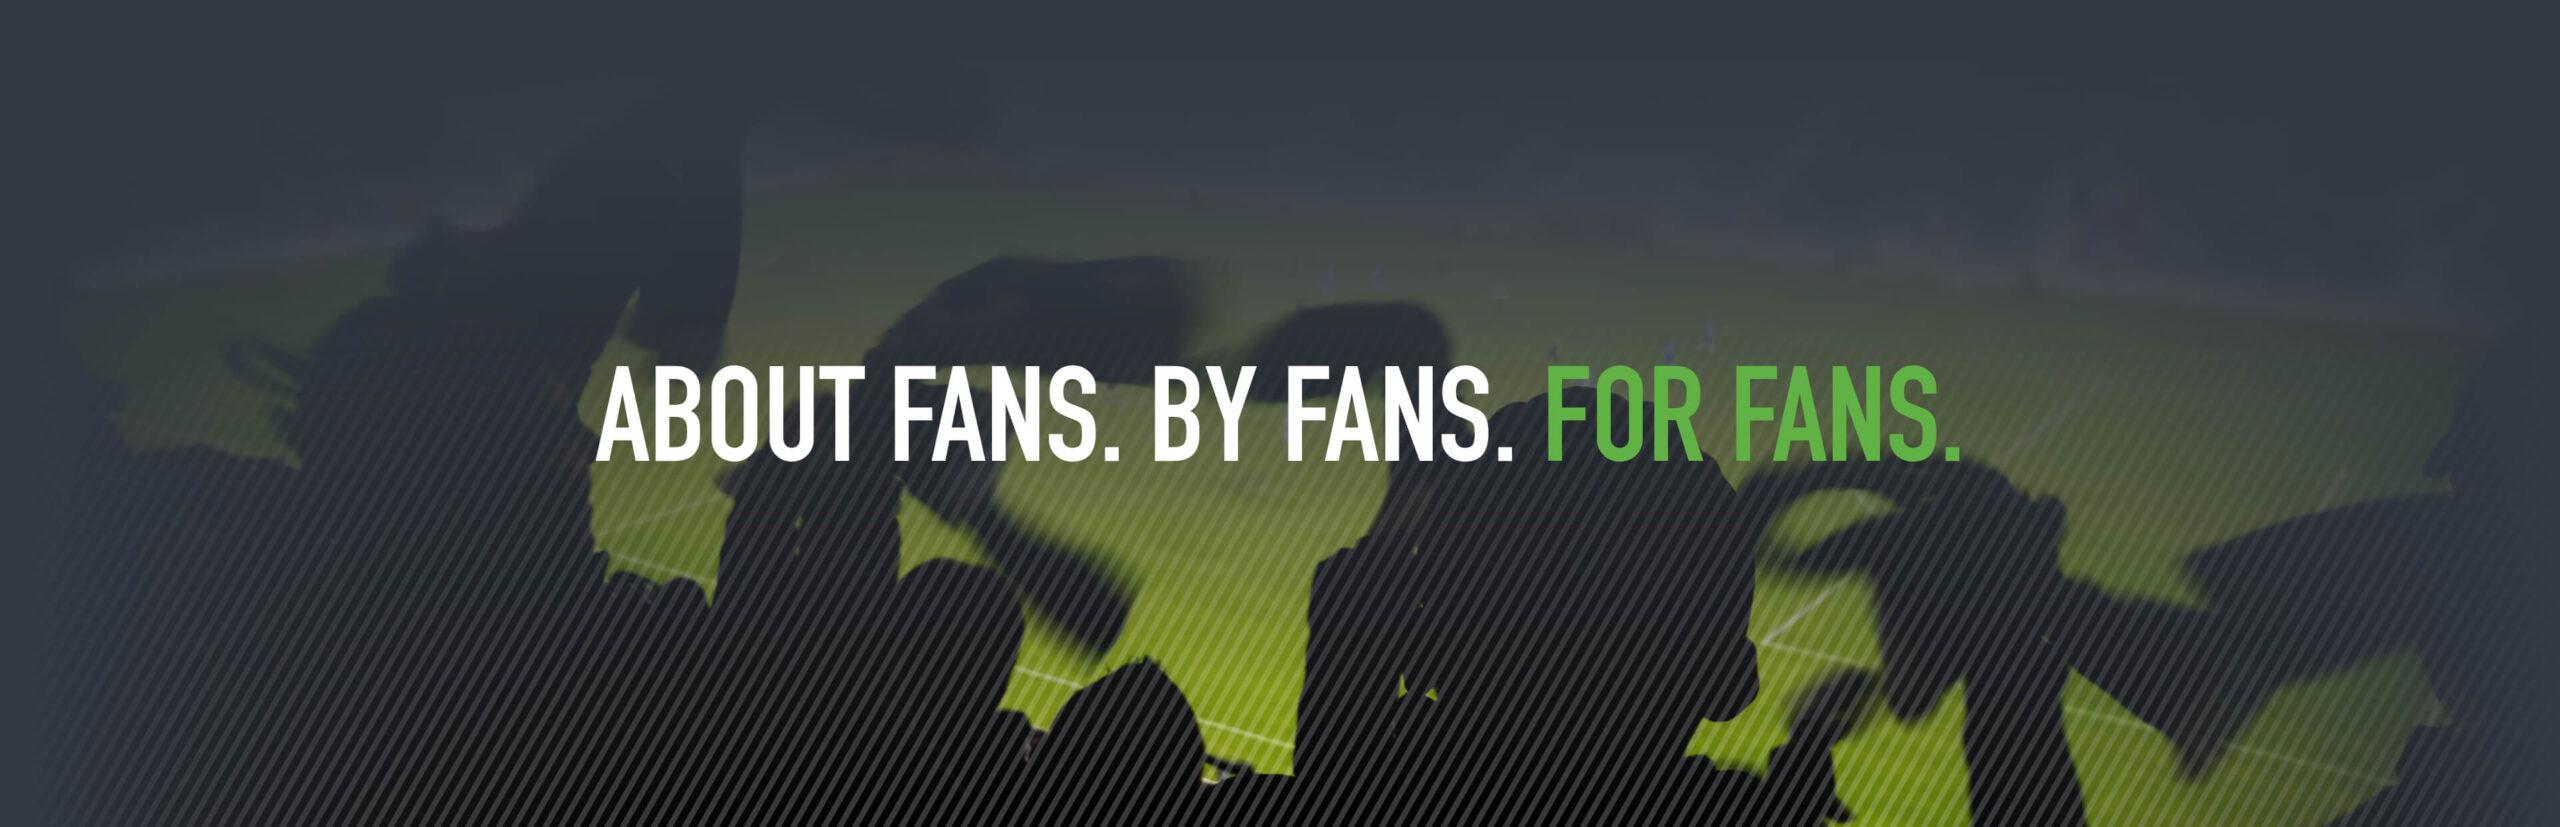 fansbet fan banner